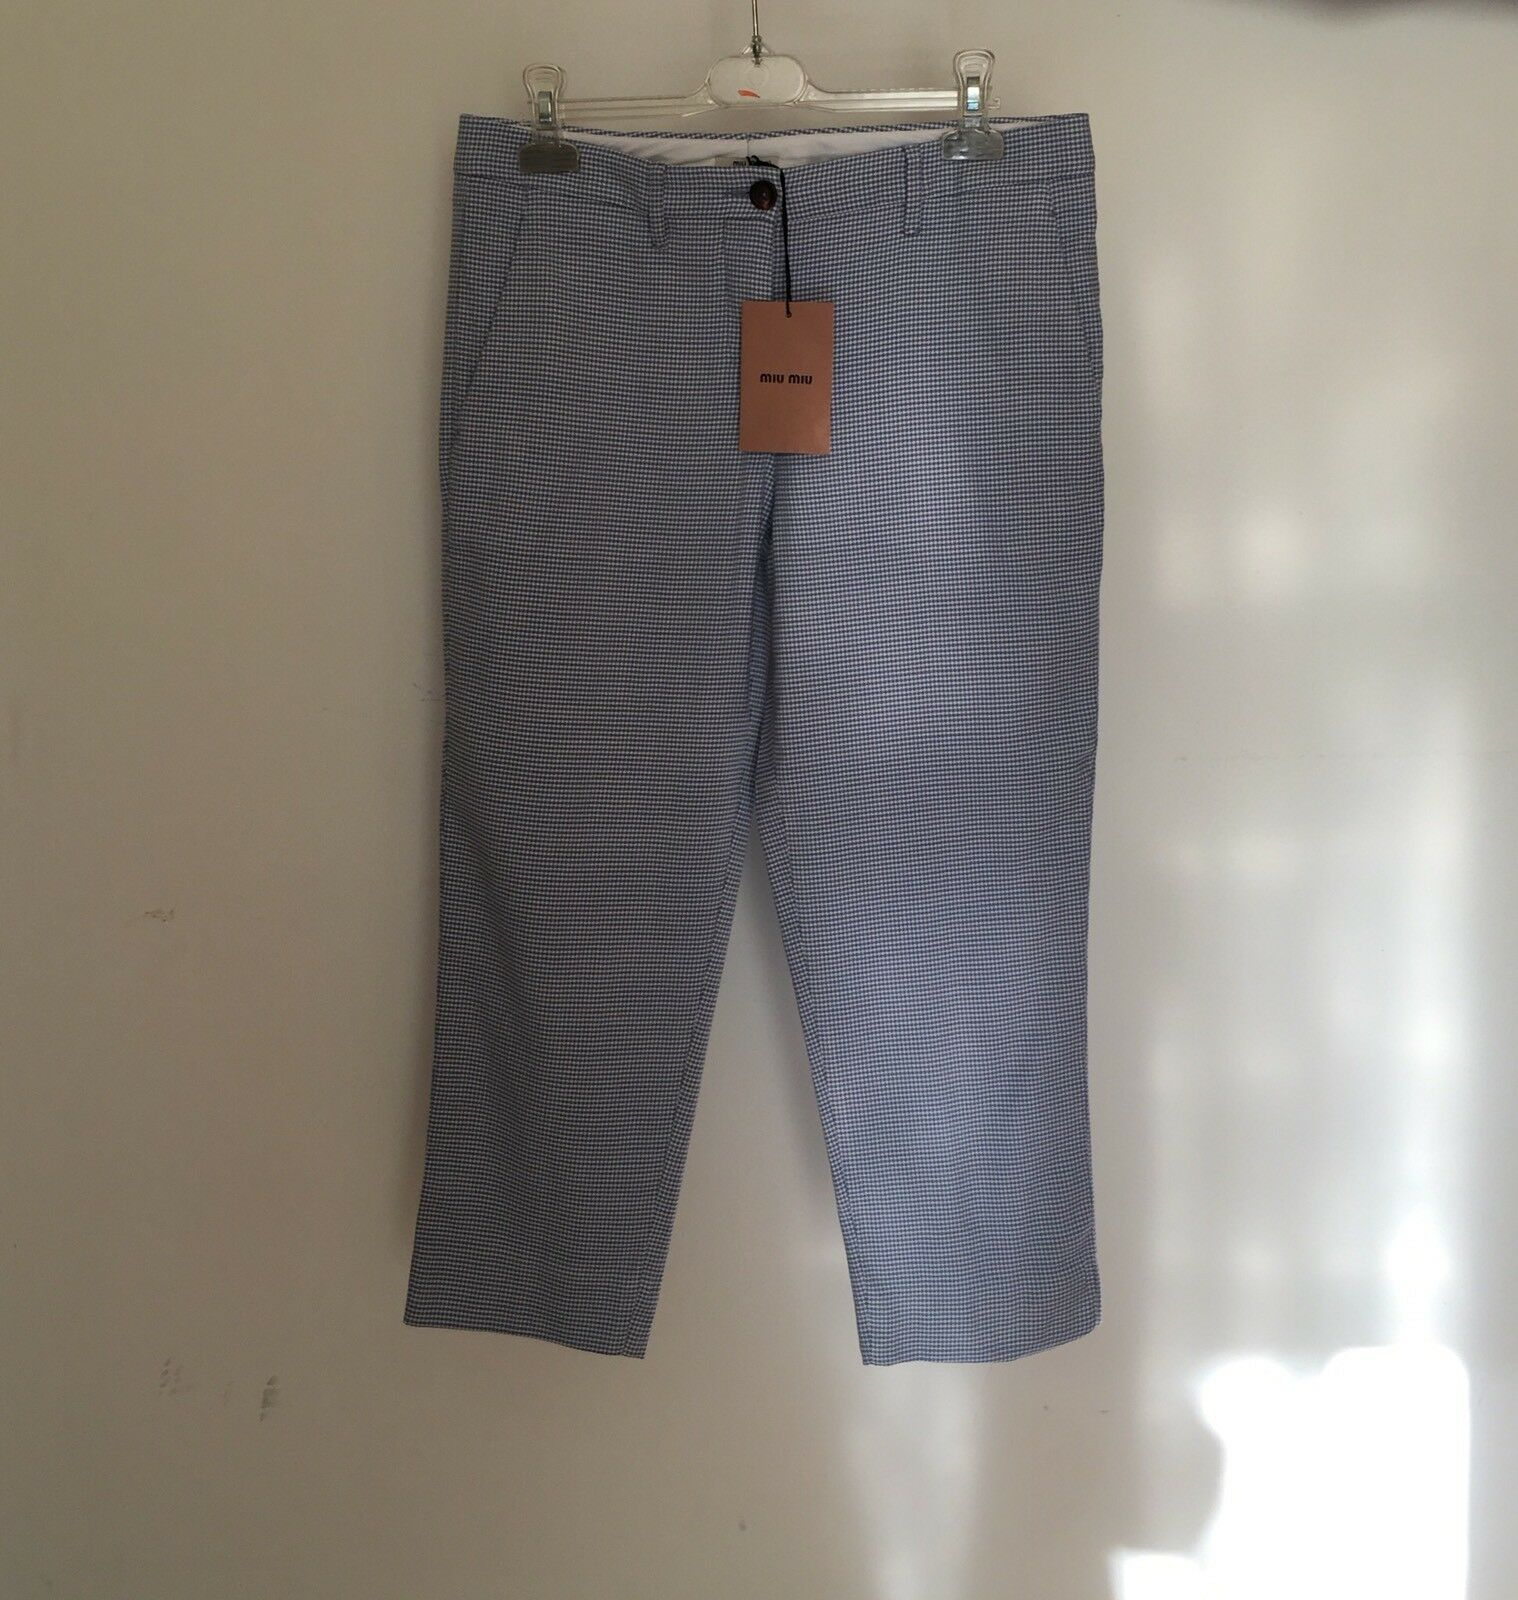 Originale Pantalone MIU MIU tg 40 Bianco Azzurro Nuovo con etichetta